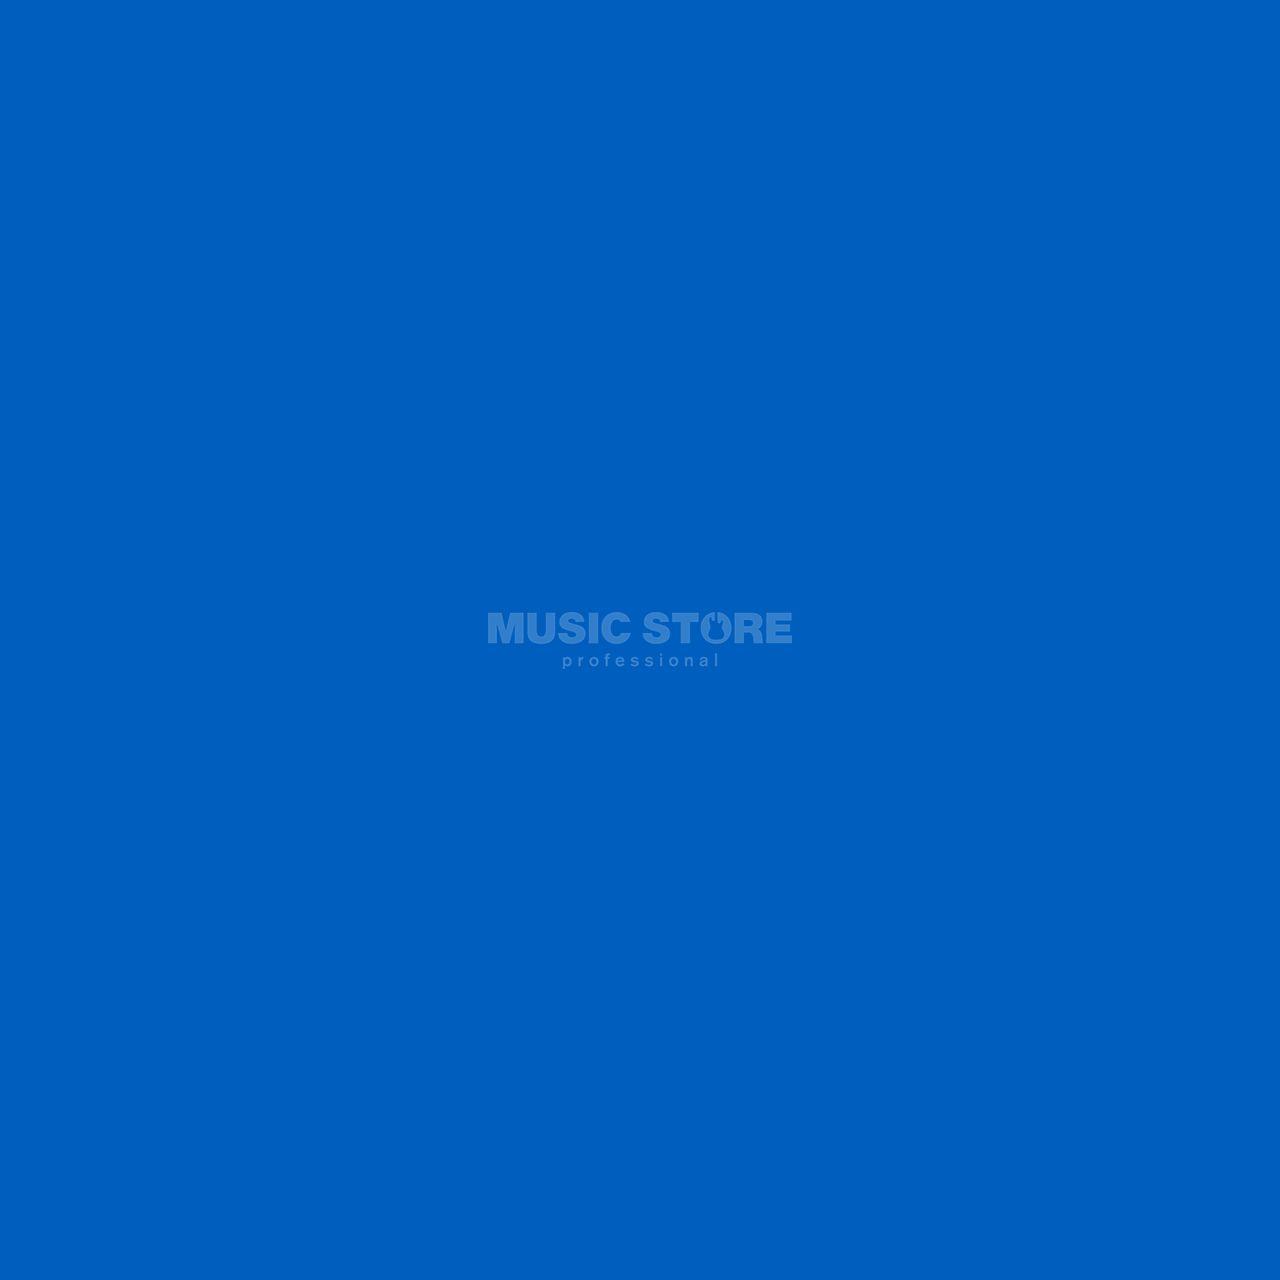 98d117c7 Lee 120 HT Farbfolie 25 x 117cm deep blue   MUSIC STORE professional